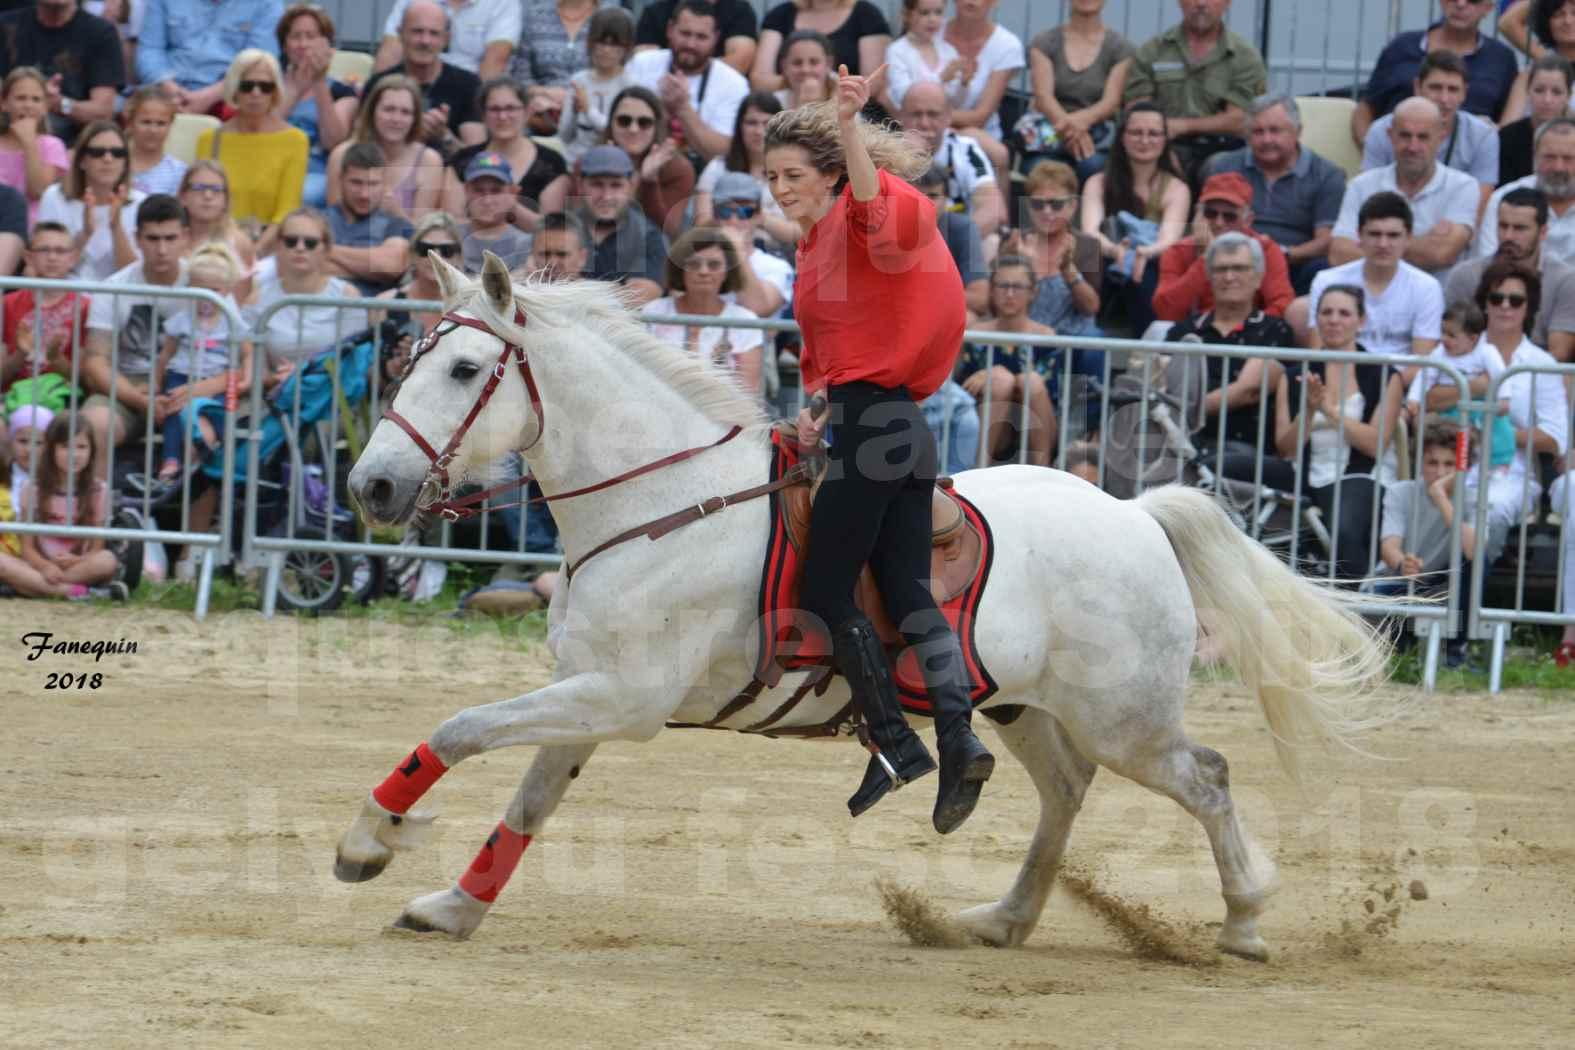 Spectacle Équestre le 3 juin 2018 à Saint Gély du Fesc - Voltige équestre - Troupe de Jean Antoine FIRMIN - 70